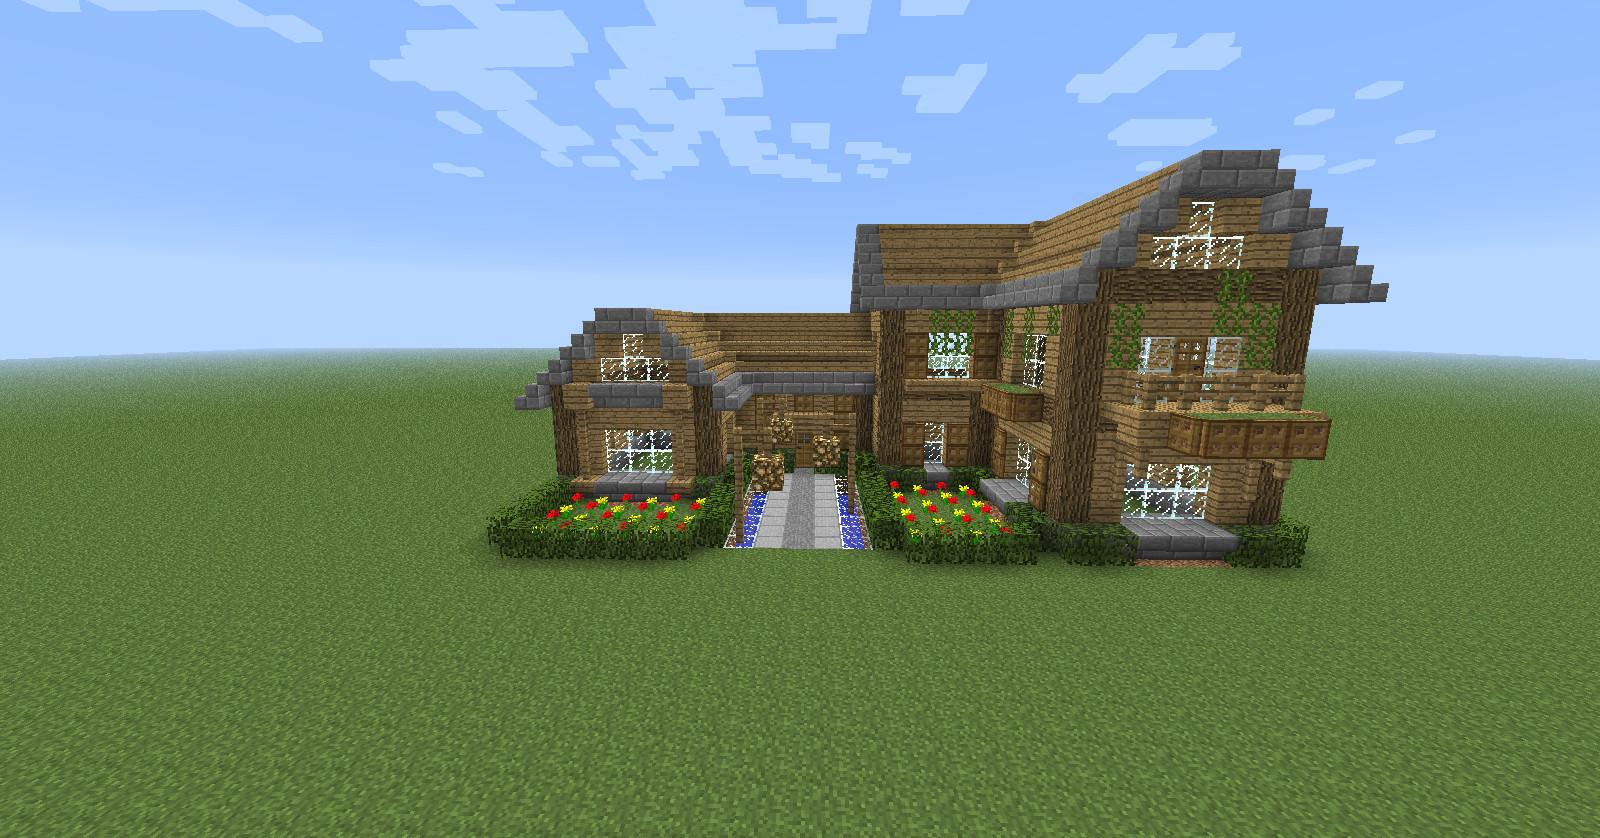 Maison minecraft en bois